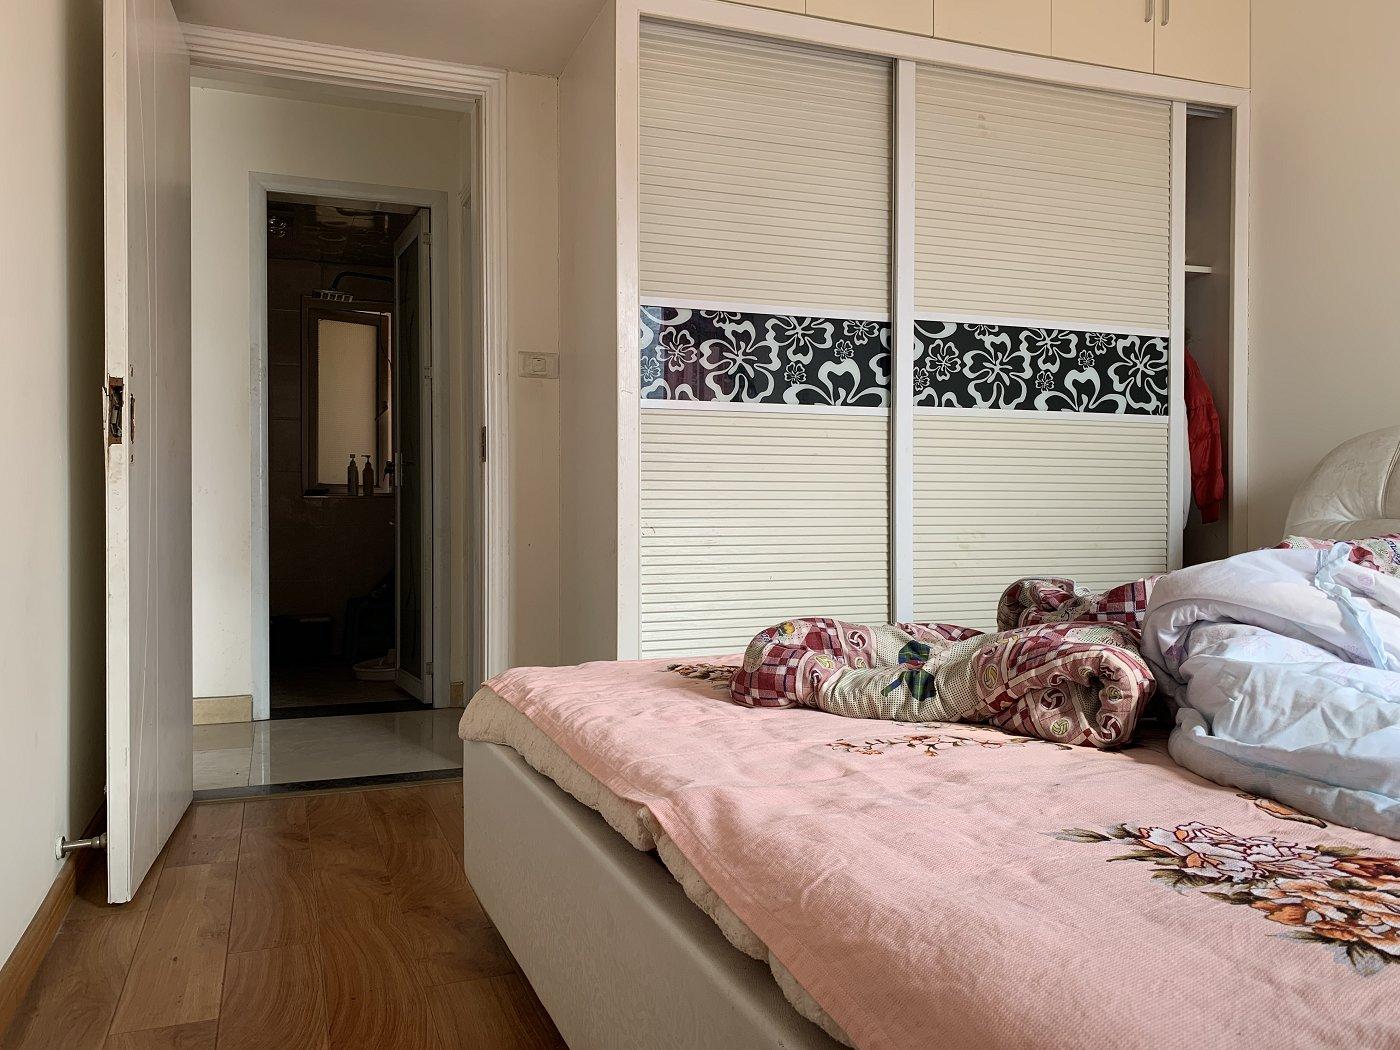 南坪东路 阳光华庭二房97万二手房卧室图